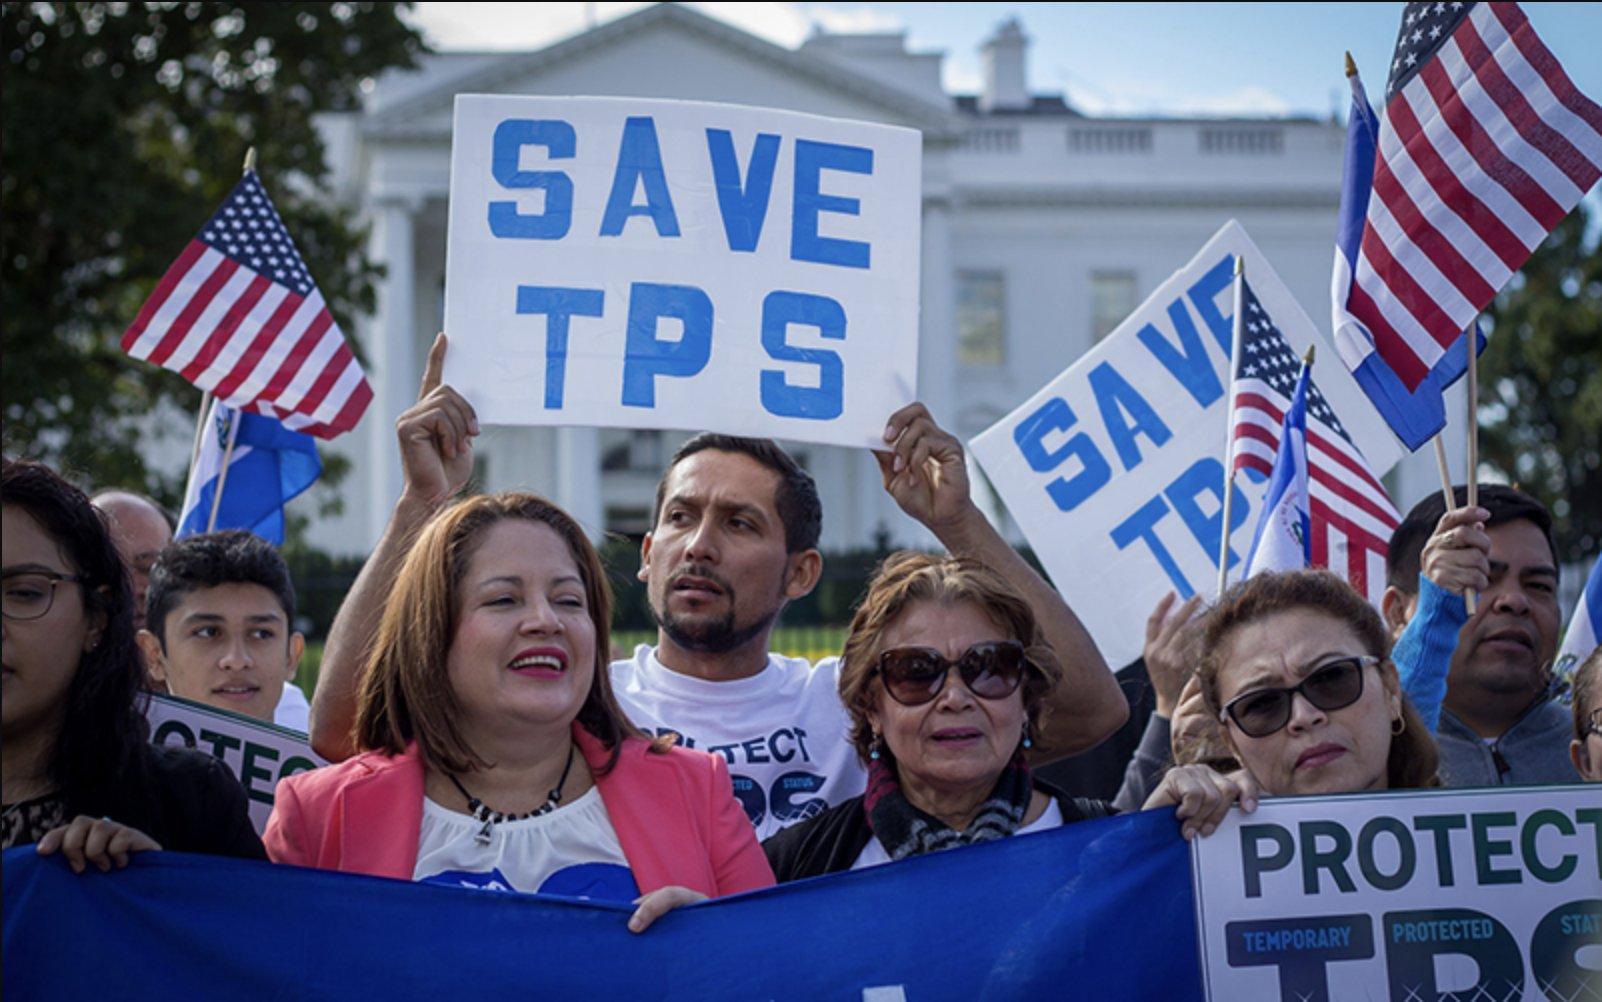 La durée des statuts de protections temporaires serait étendue pour les immigrants de 6 pays